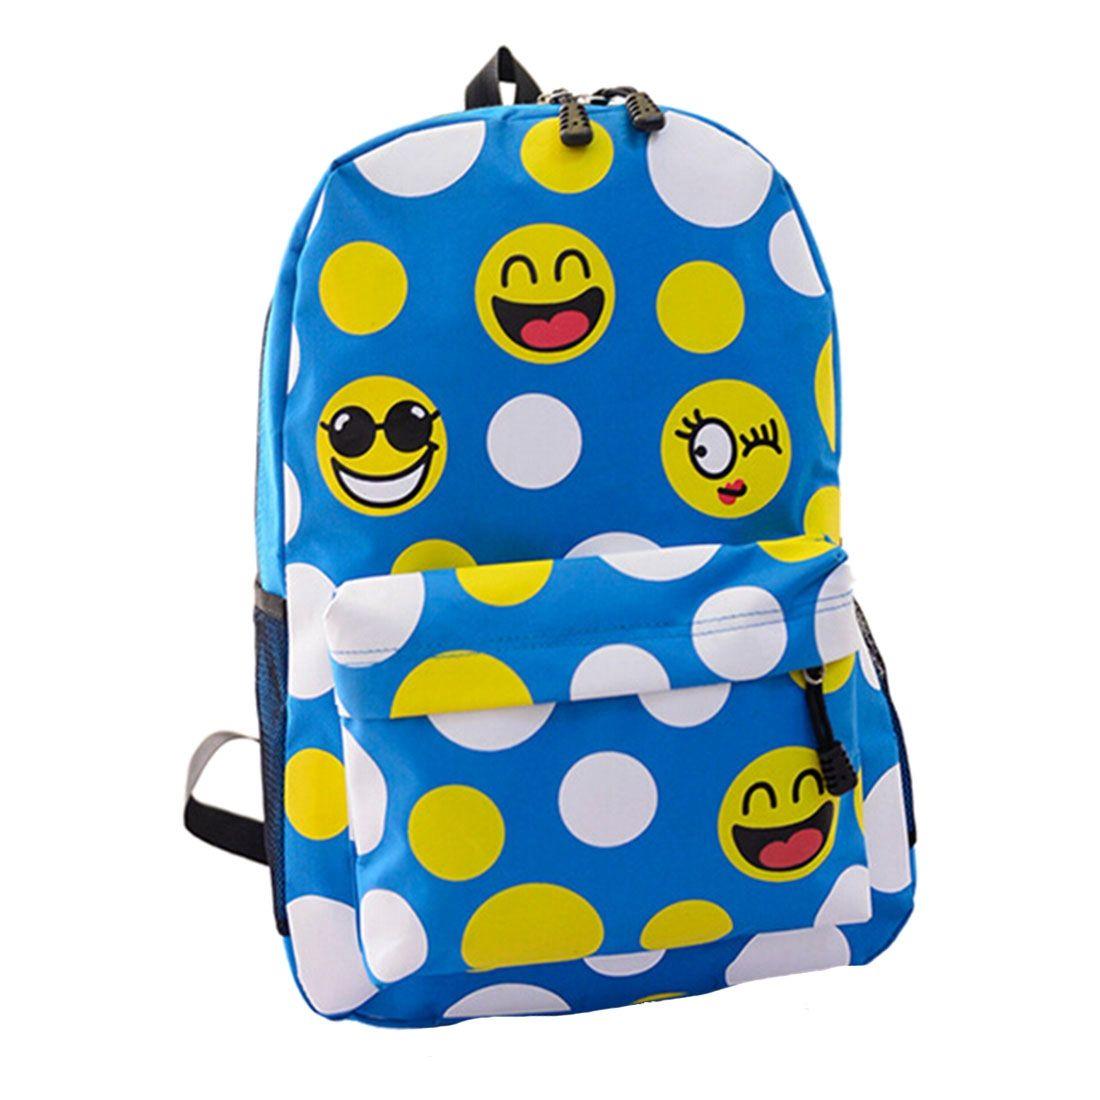 10525849b0e1 Smiley Emoji Backpack Funny Emoticon Pack School Shoulder Bag Boys Girls  Sky Blue